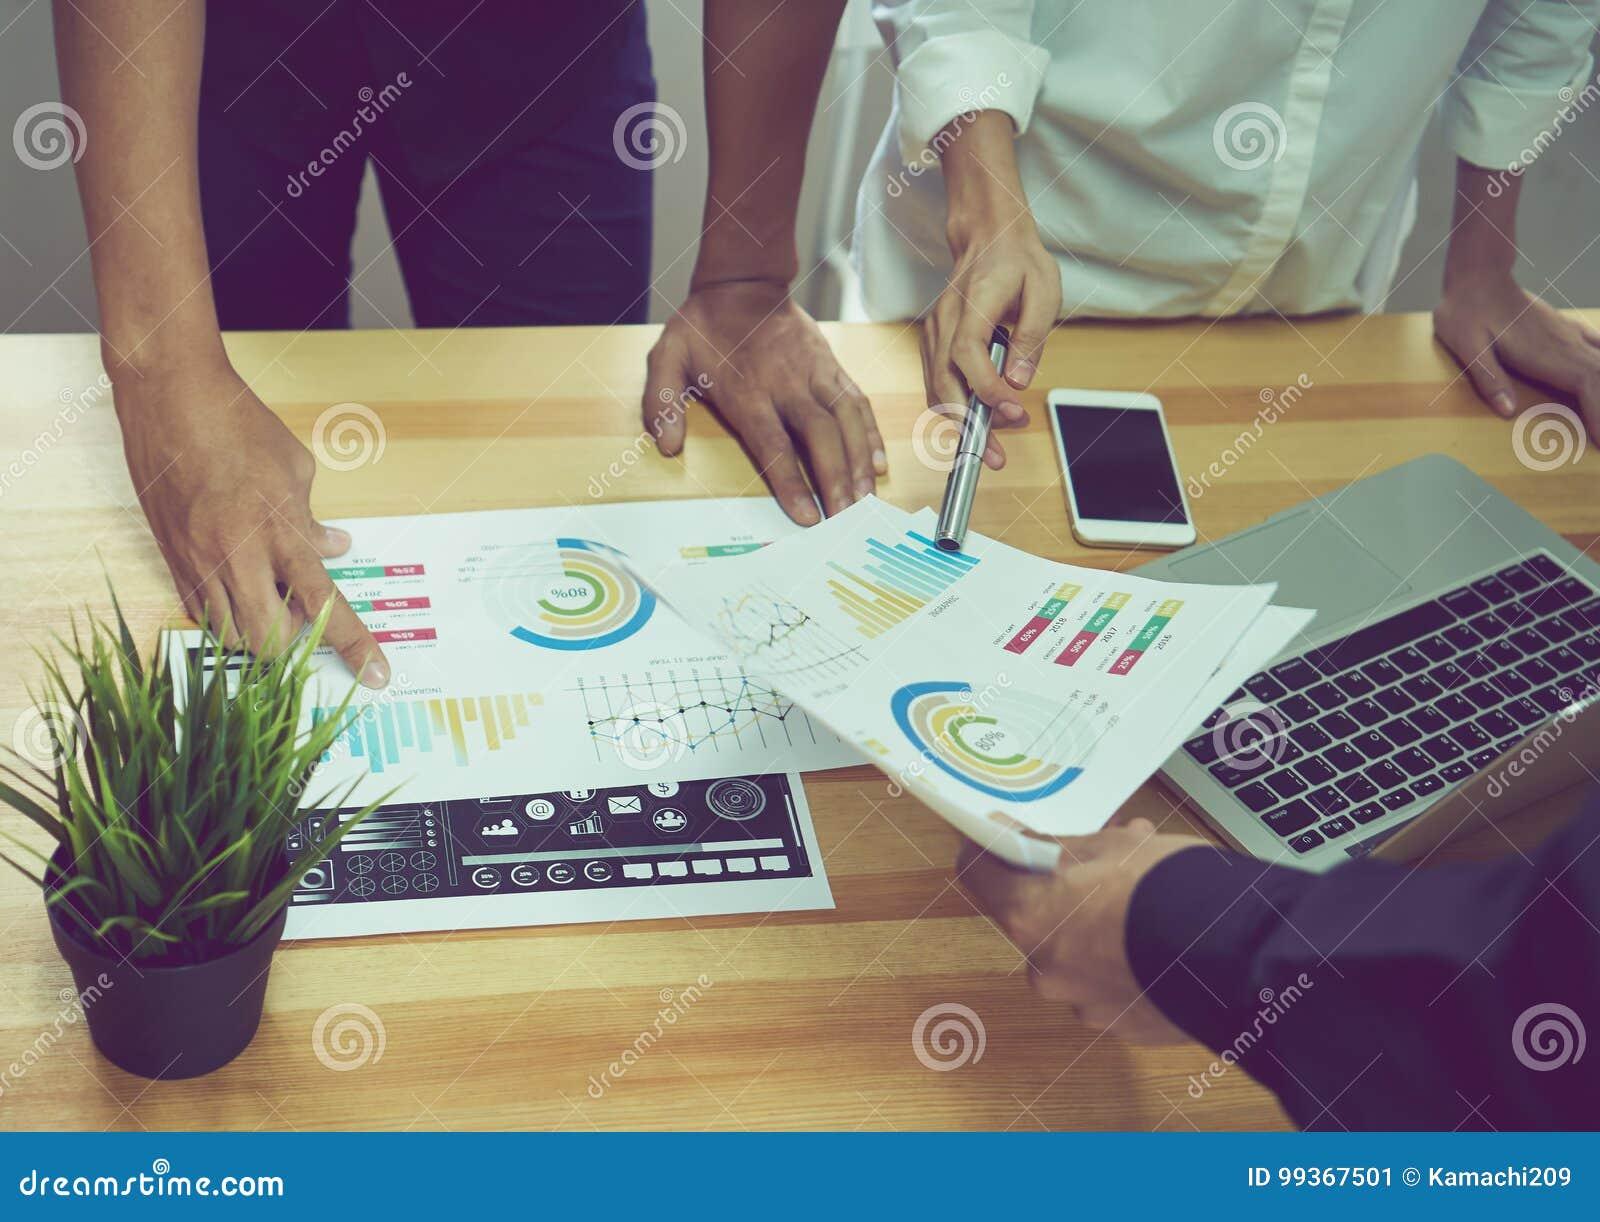 Laget som hjälper kläckning av ideerarbete Att att uppnå målet begreppsteamwork som har teknologin som gör det snabbare